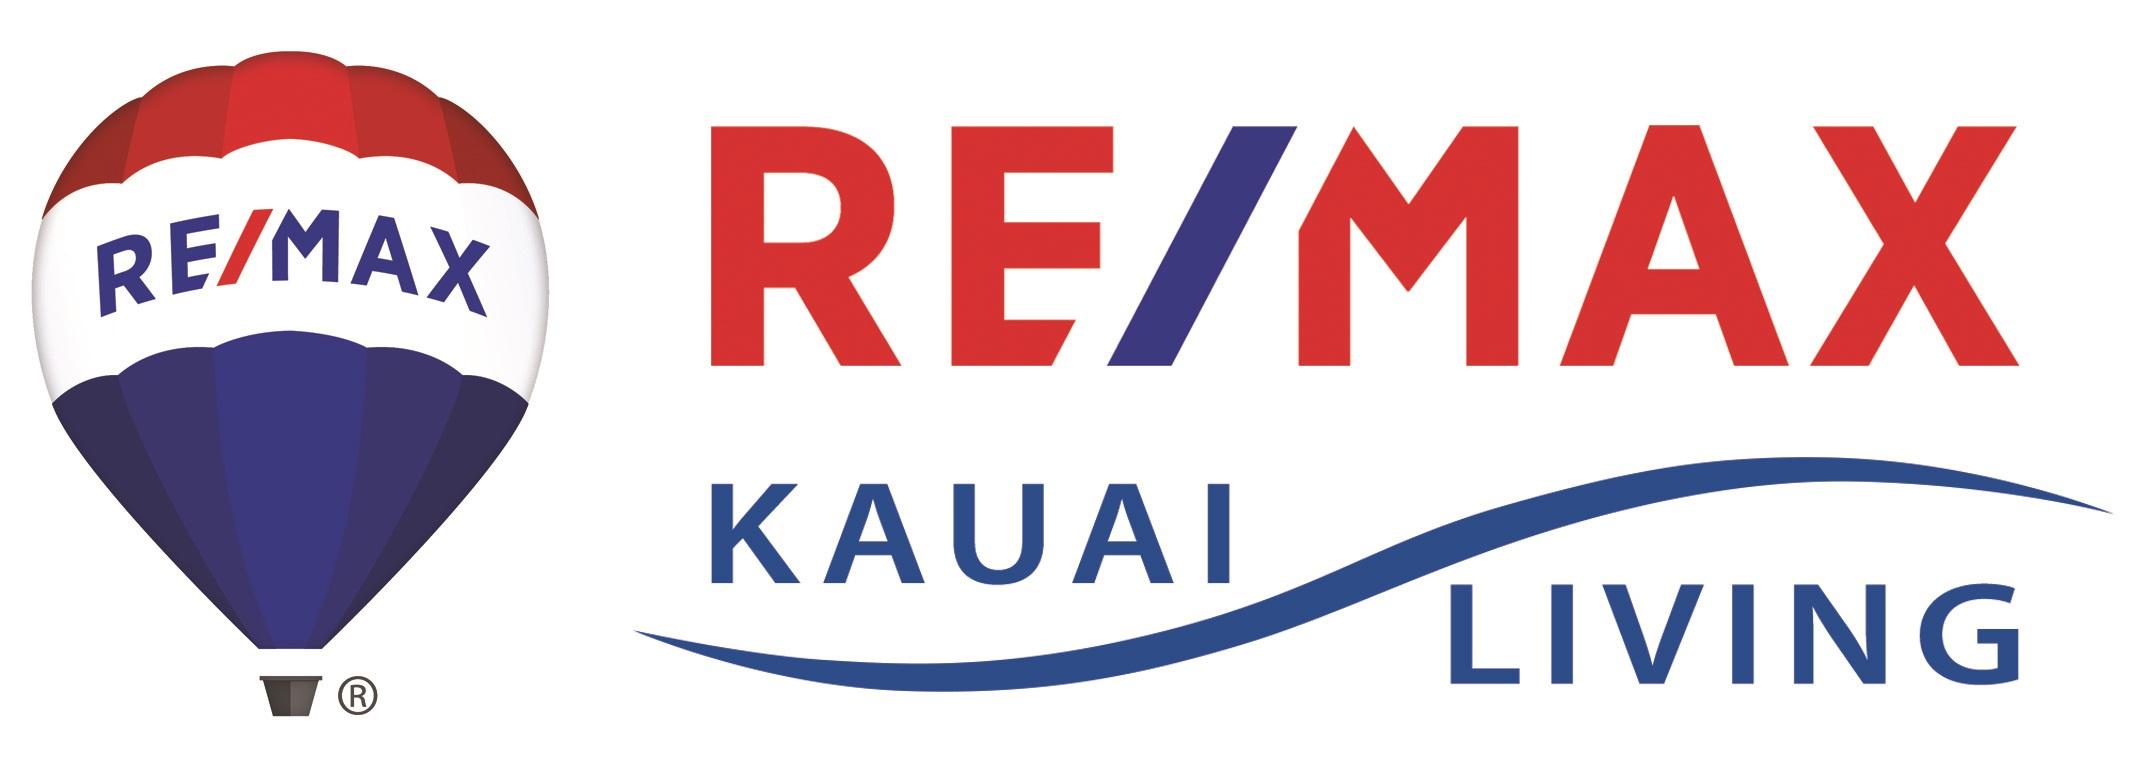 RE/MAX Kauai Living